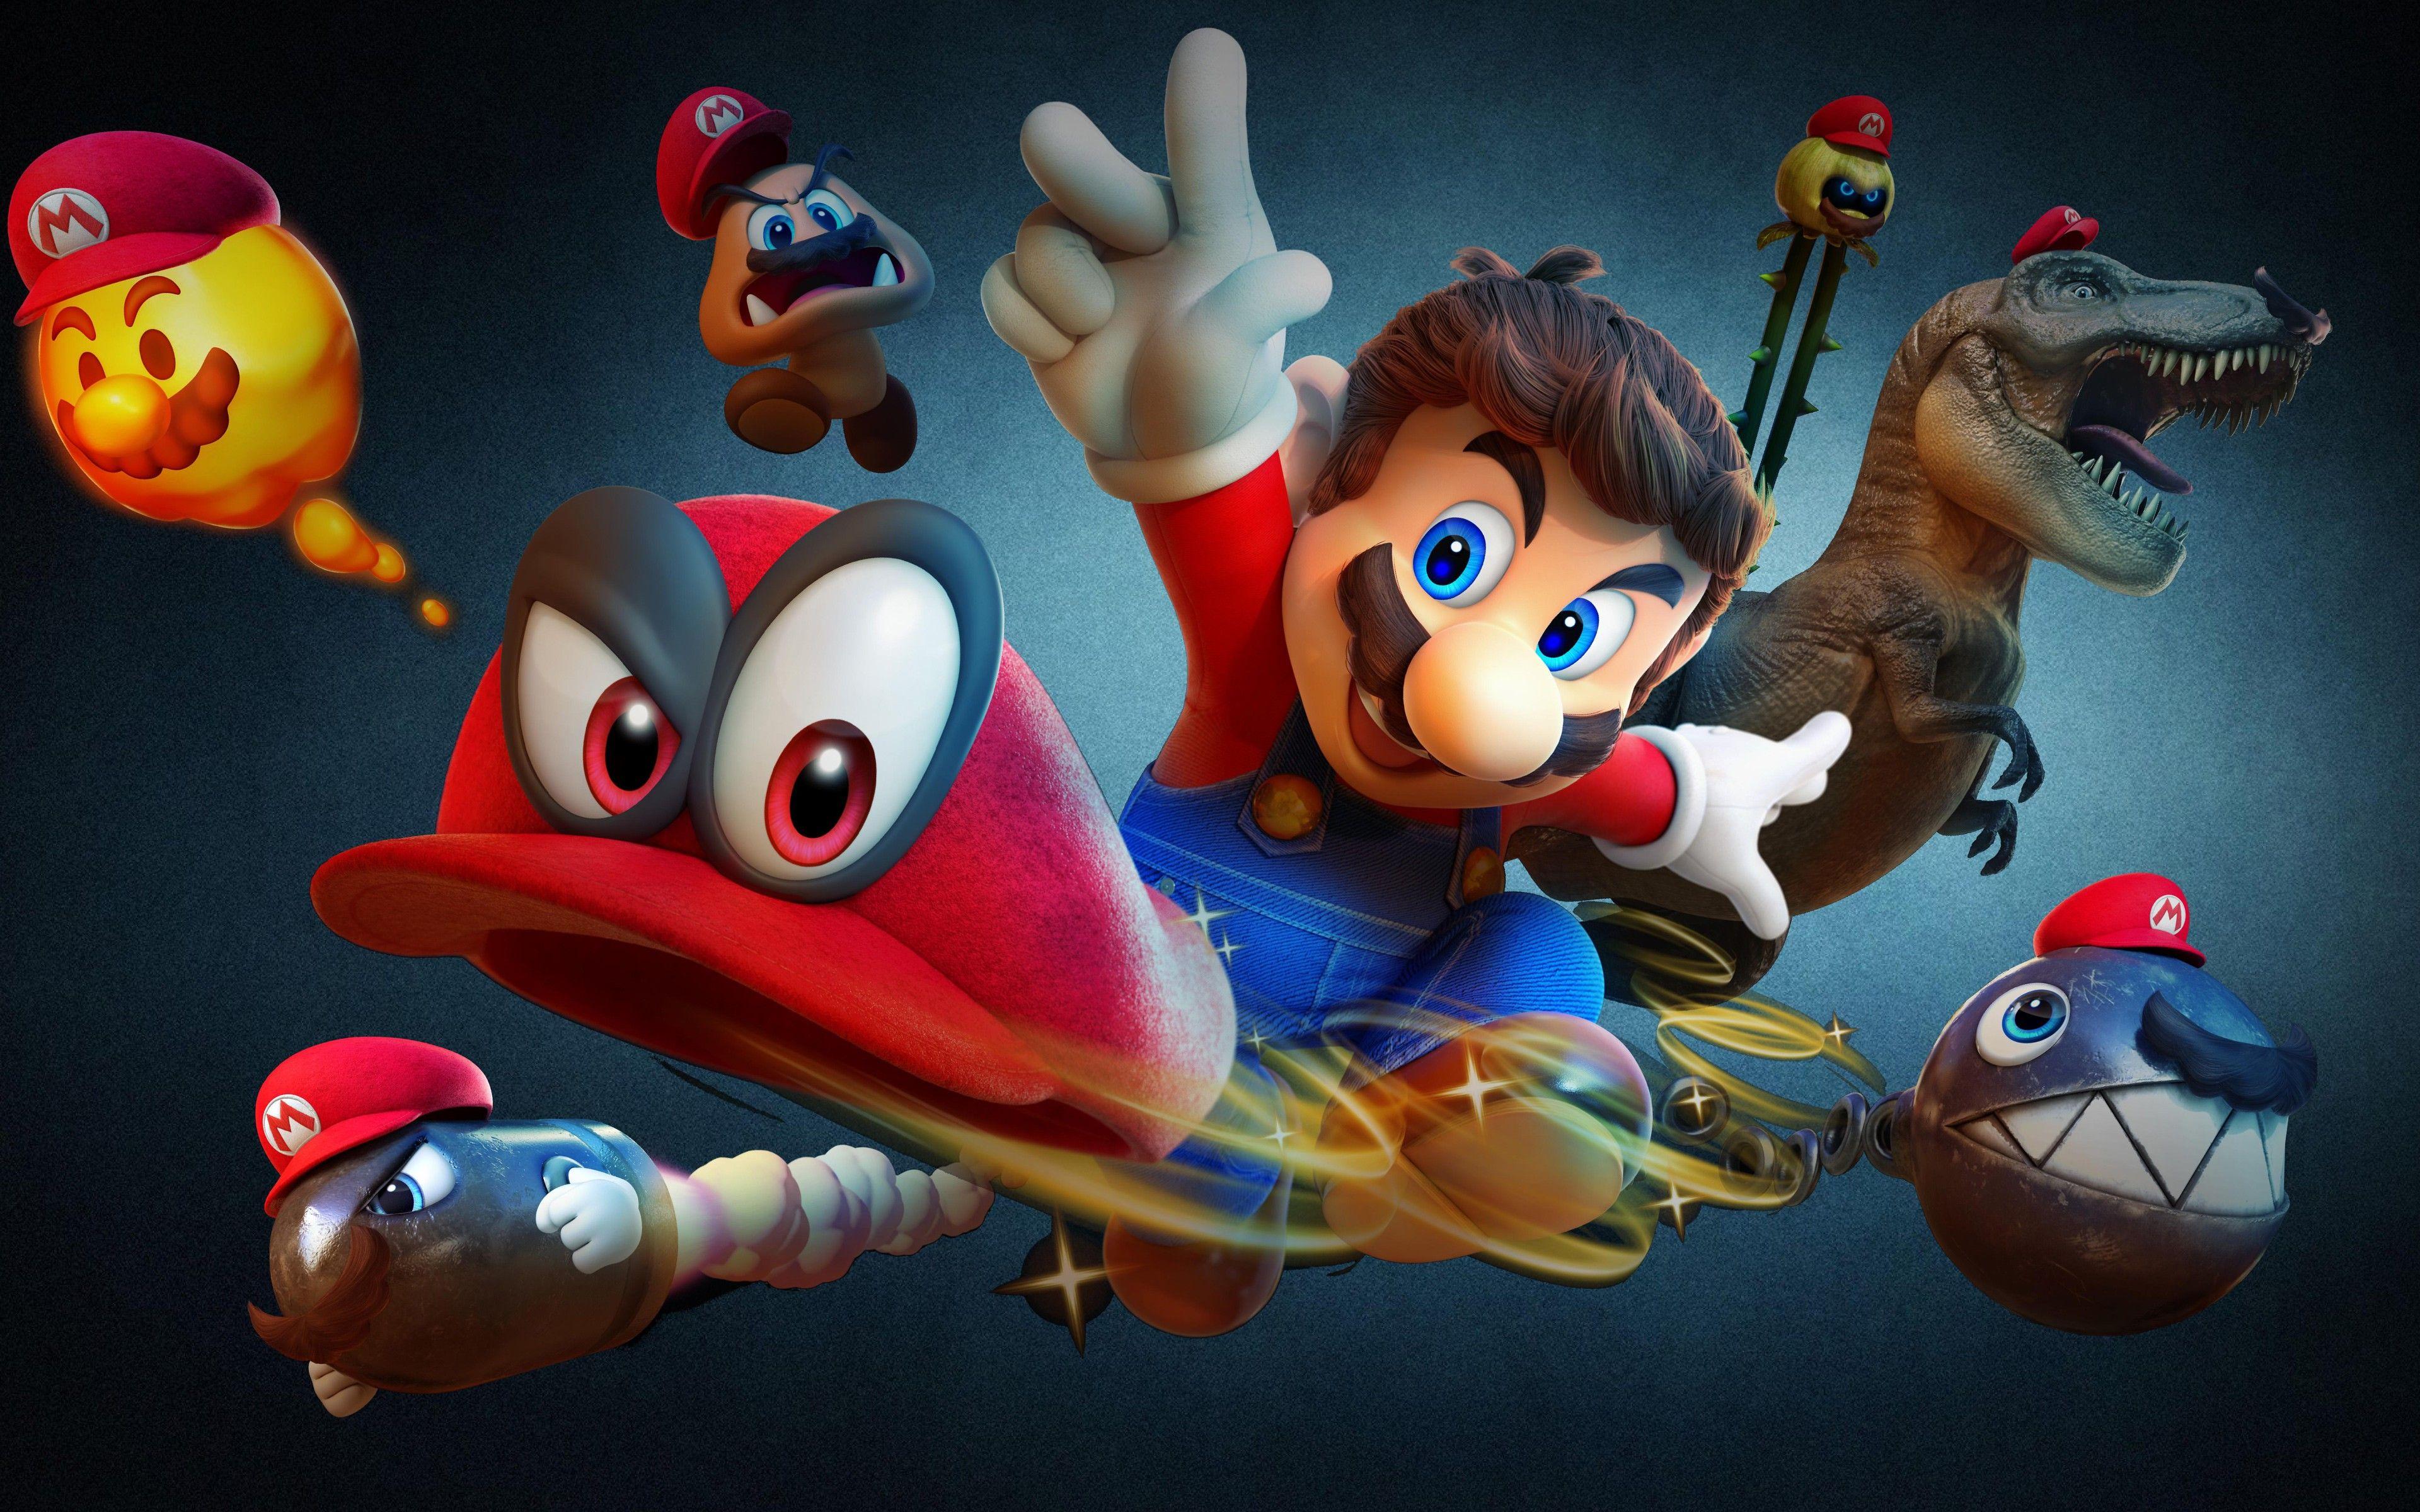 Super Mario Odyssey 2017 Jogo De Video 4k Cartaz Desenhos Do Mario Super Mario Mario Bros Desenho